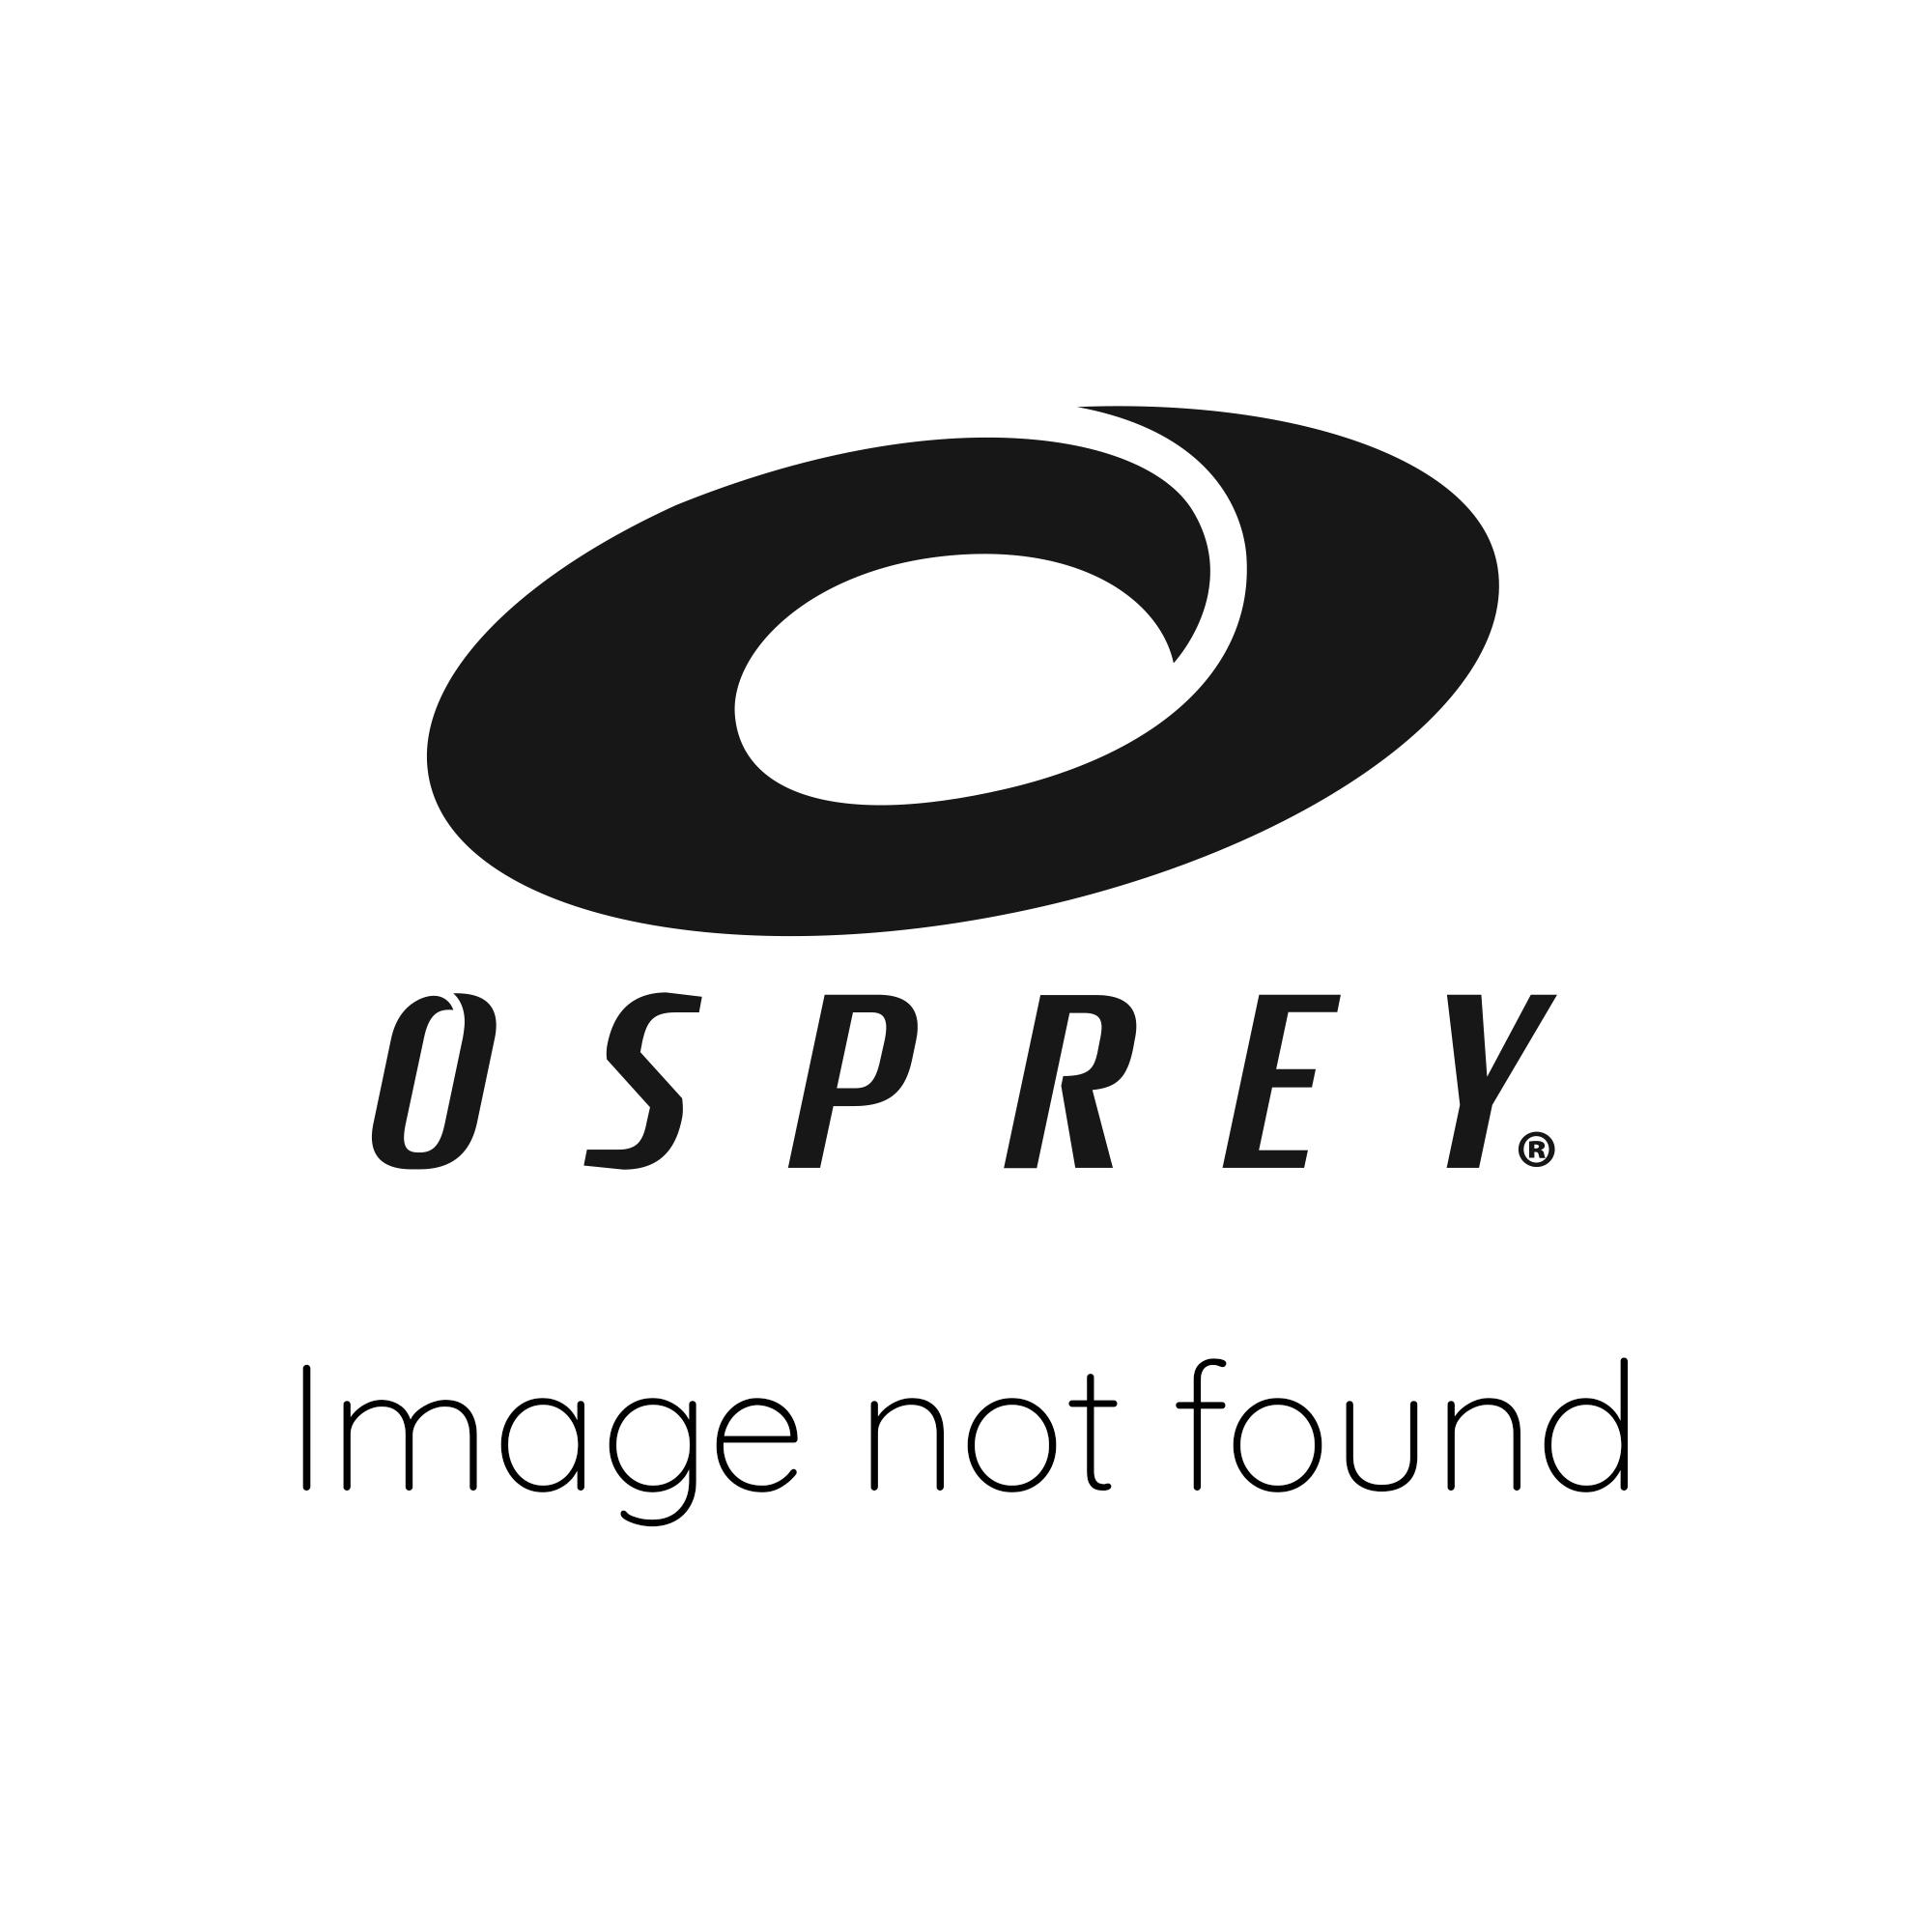 Peter Garzke